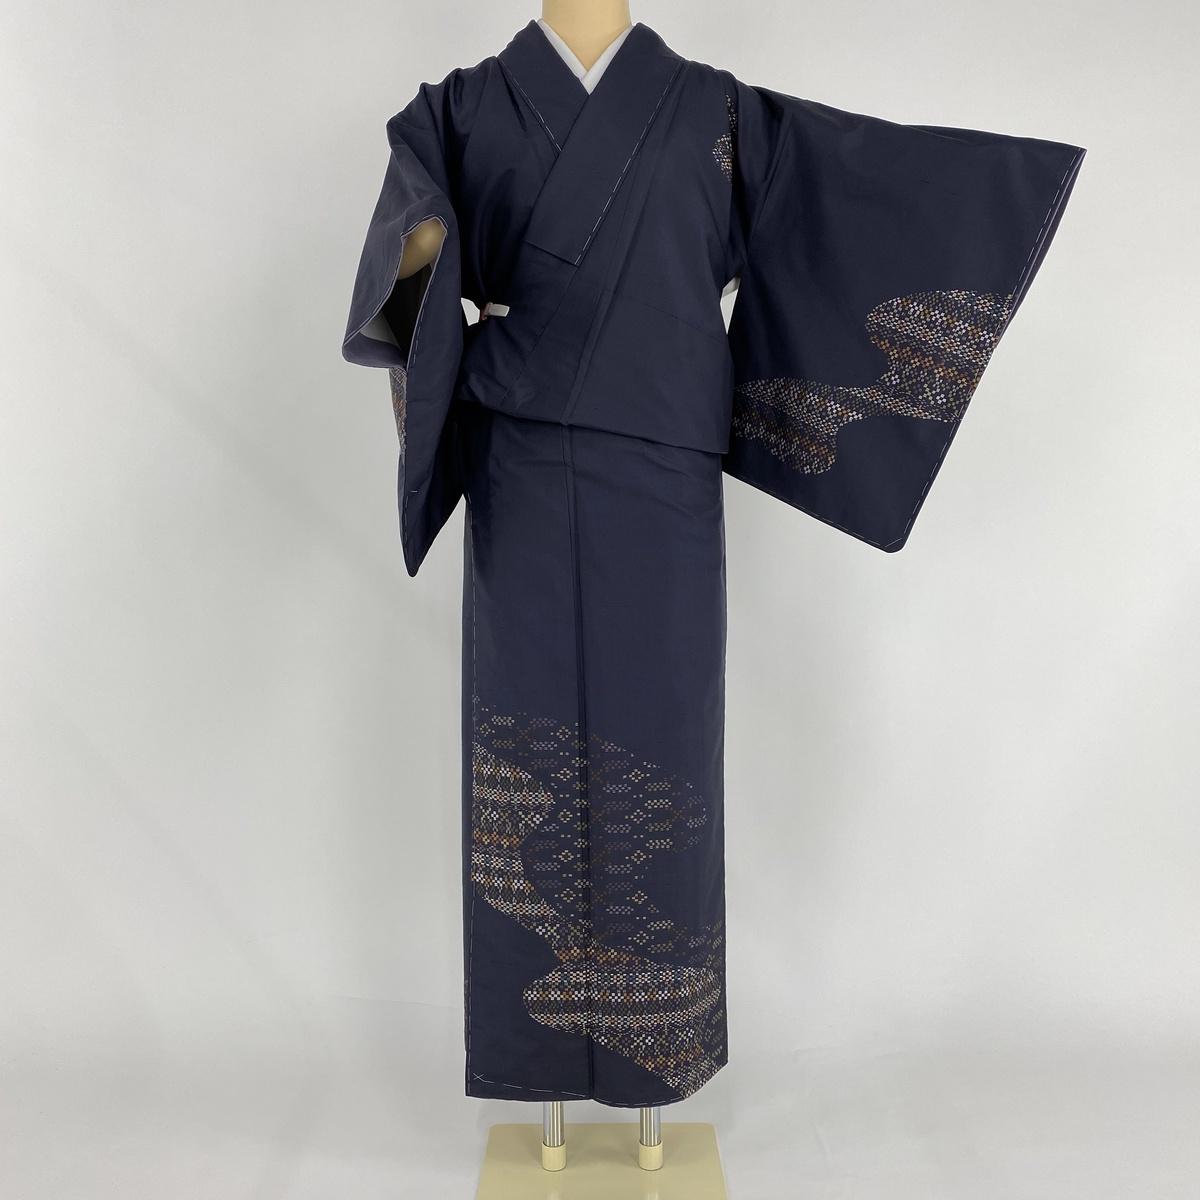 訪問着 美品 逸品 紬地 霞 幾何学模様 刺繍 濃紫 袷 身丈156cm 裄丈62cm S 正絹 【中古】